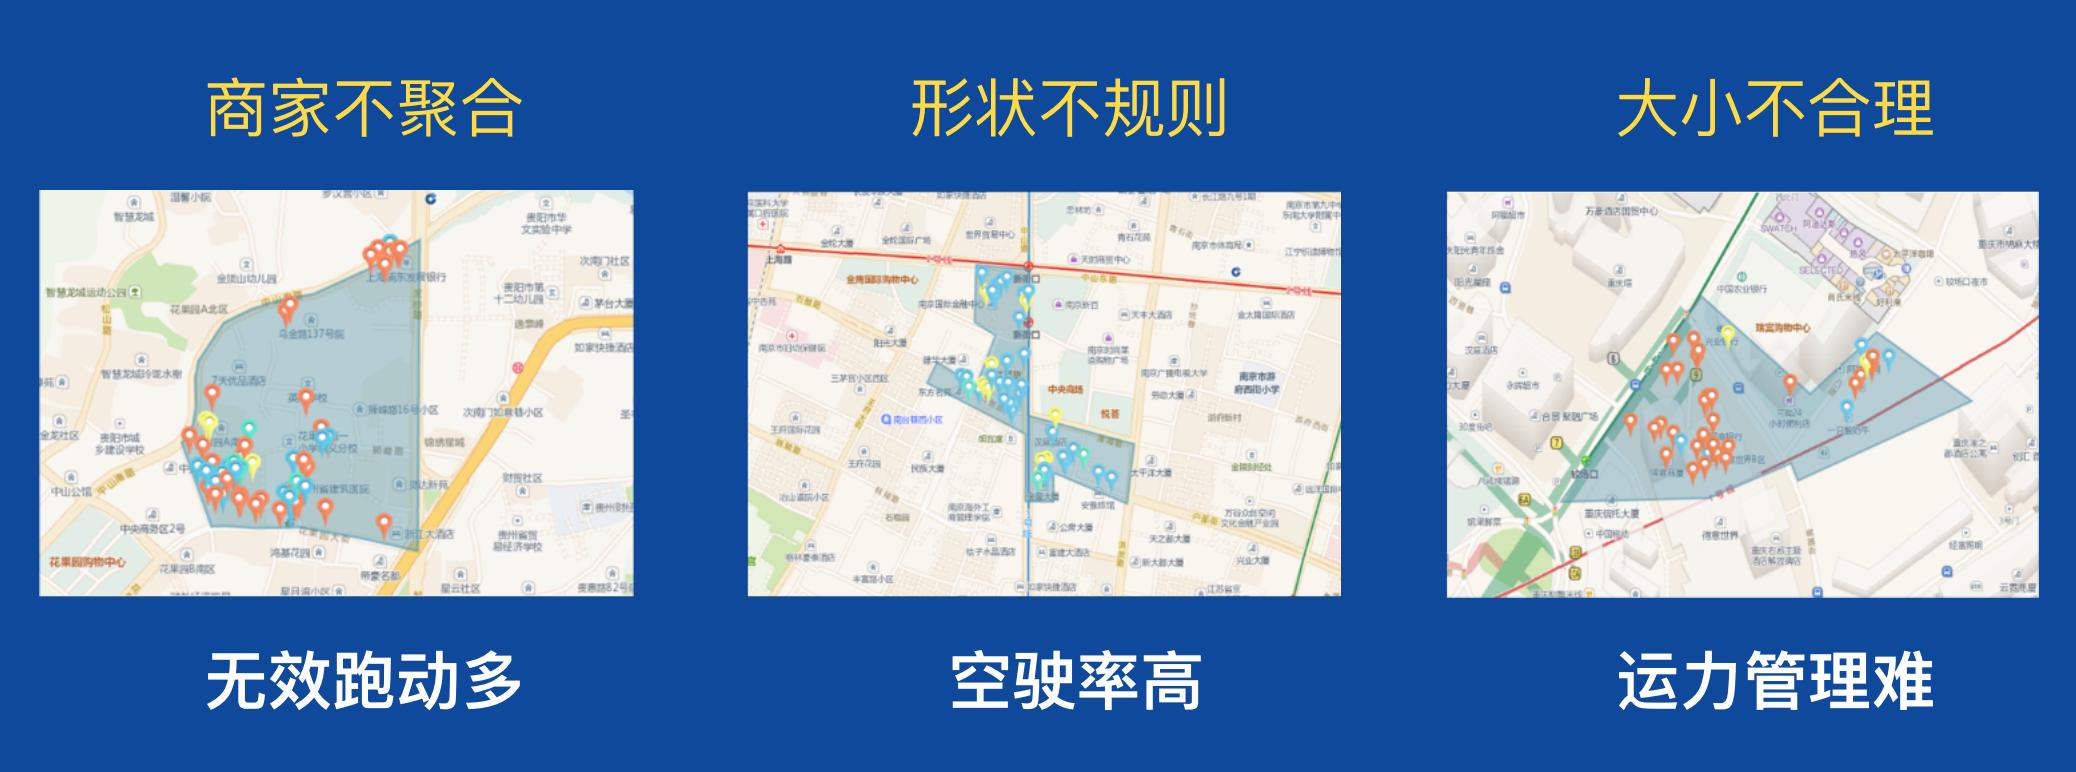 区域规划影响配送效率